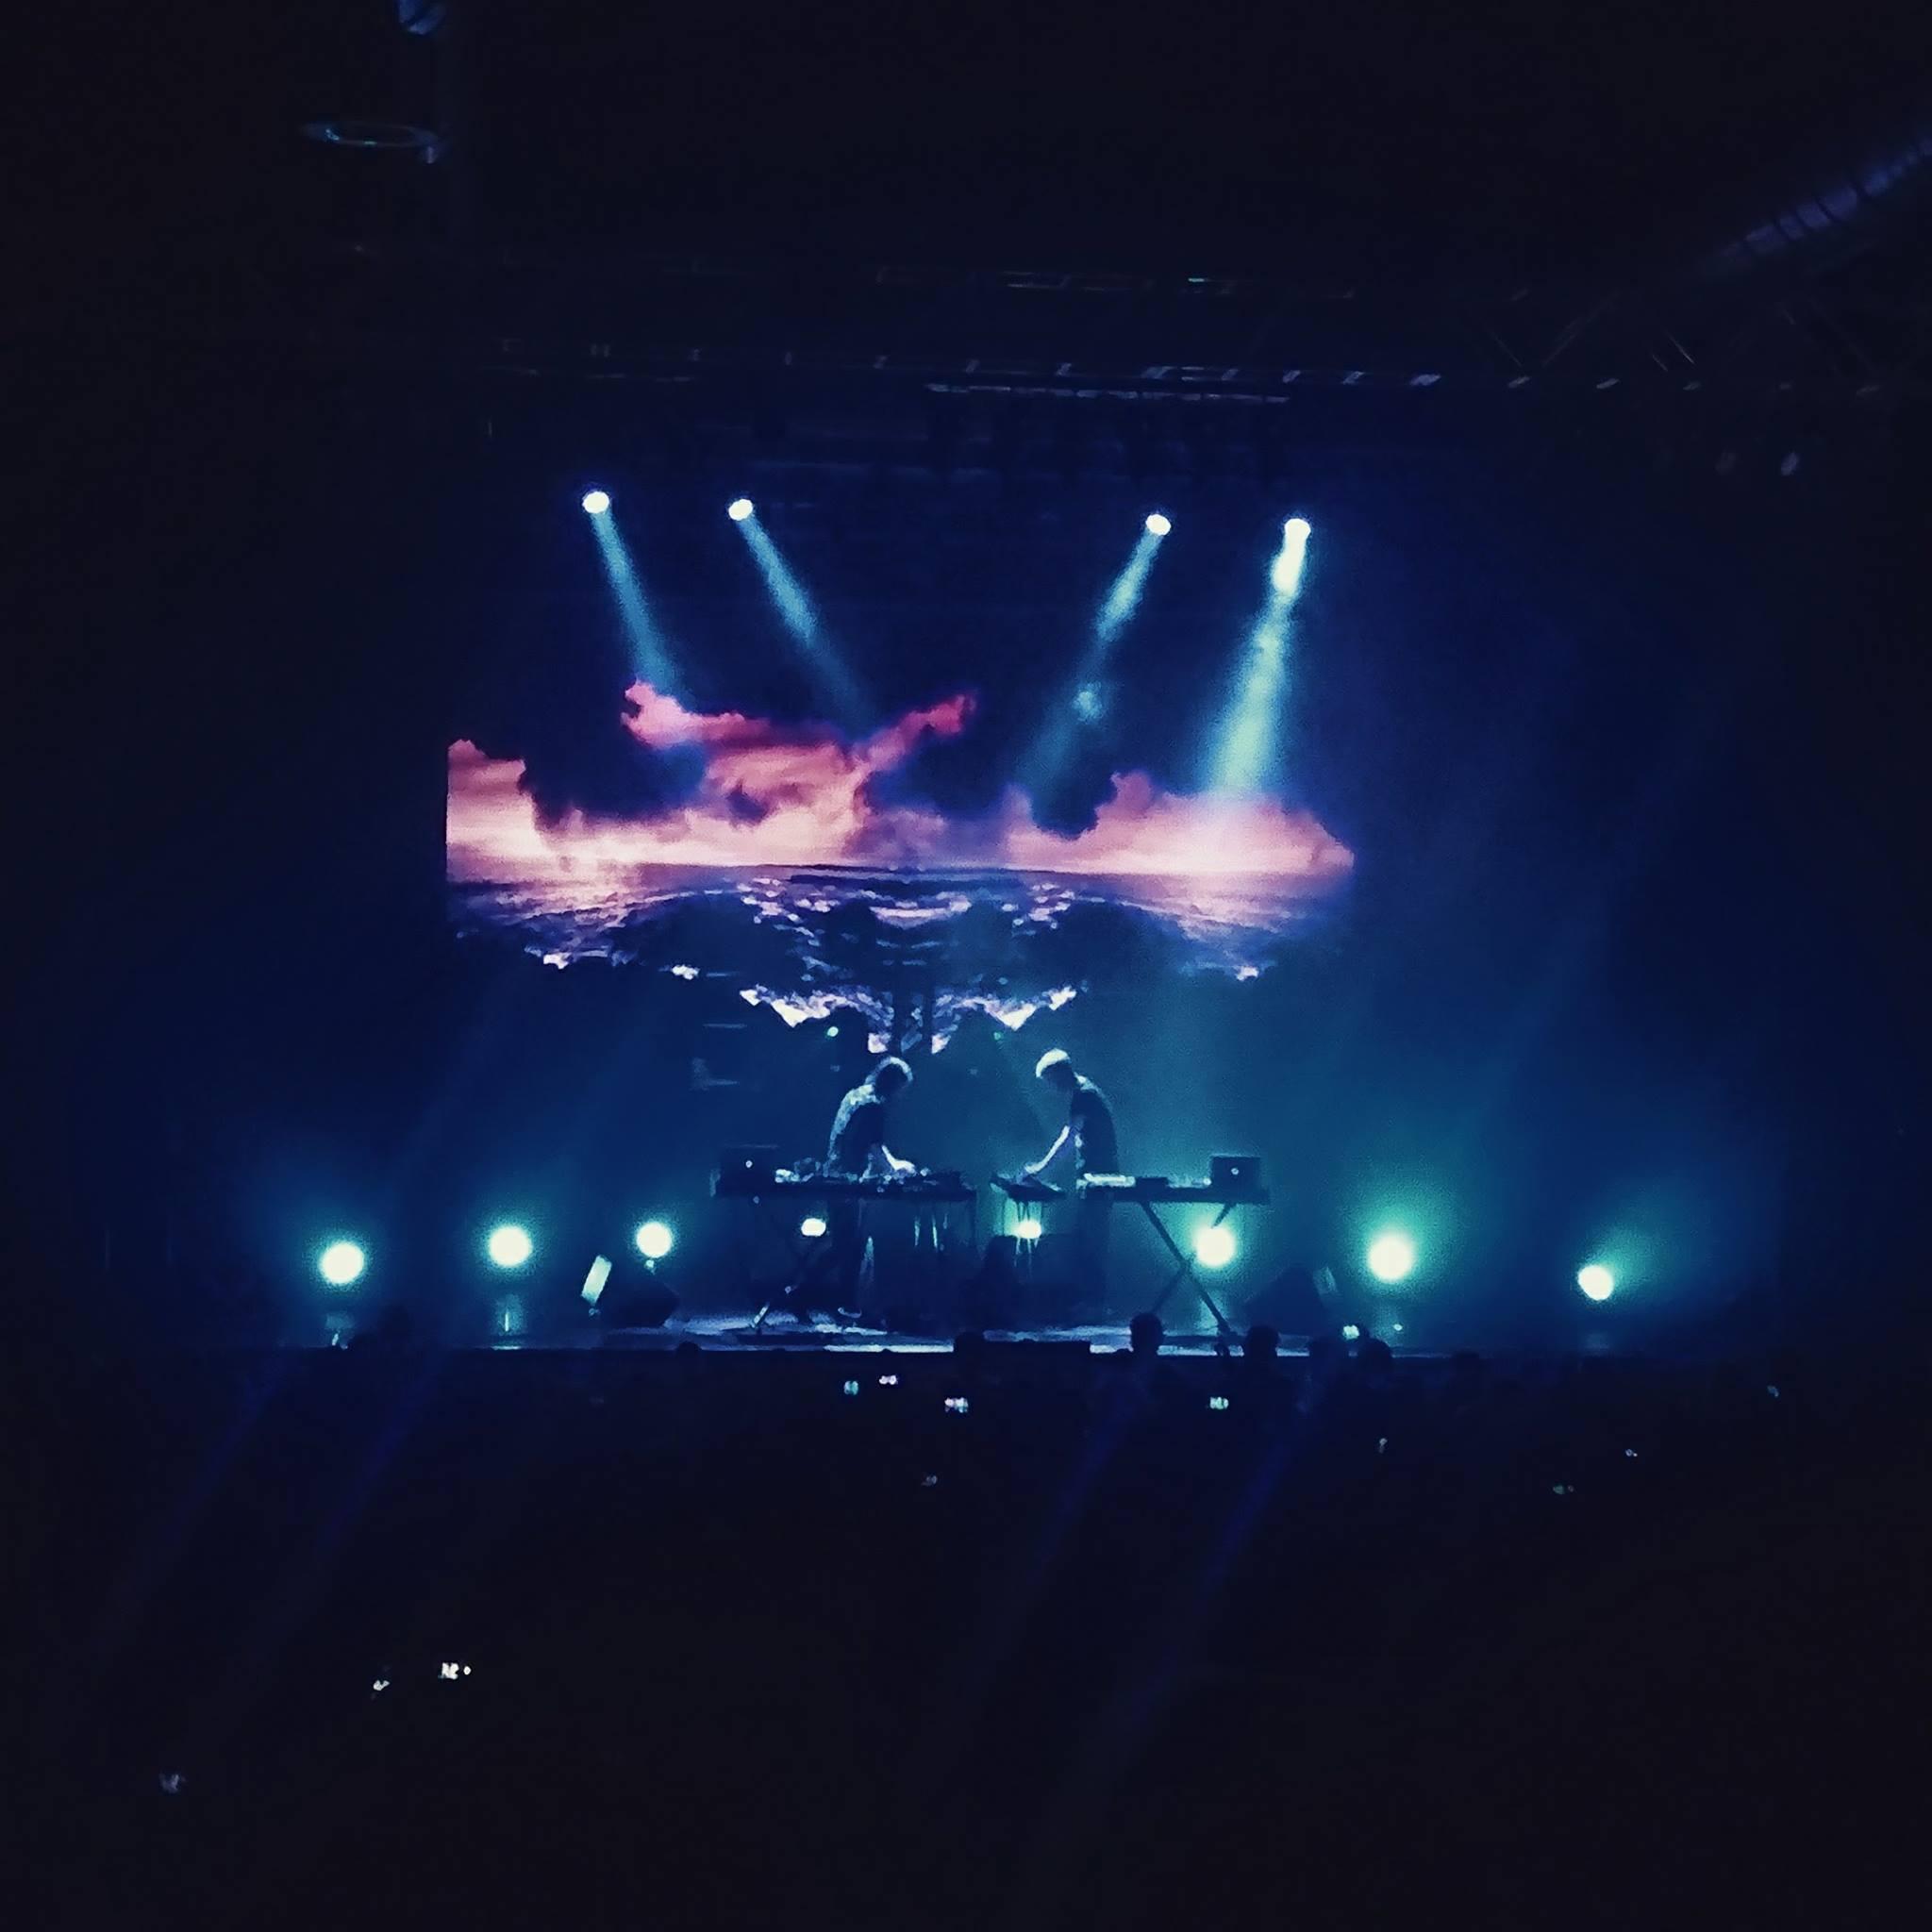 26 October 2017